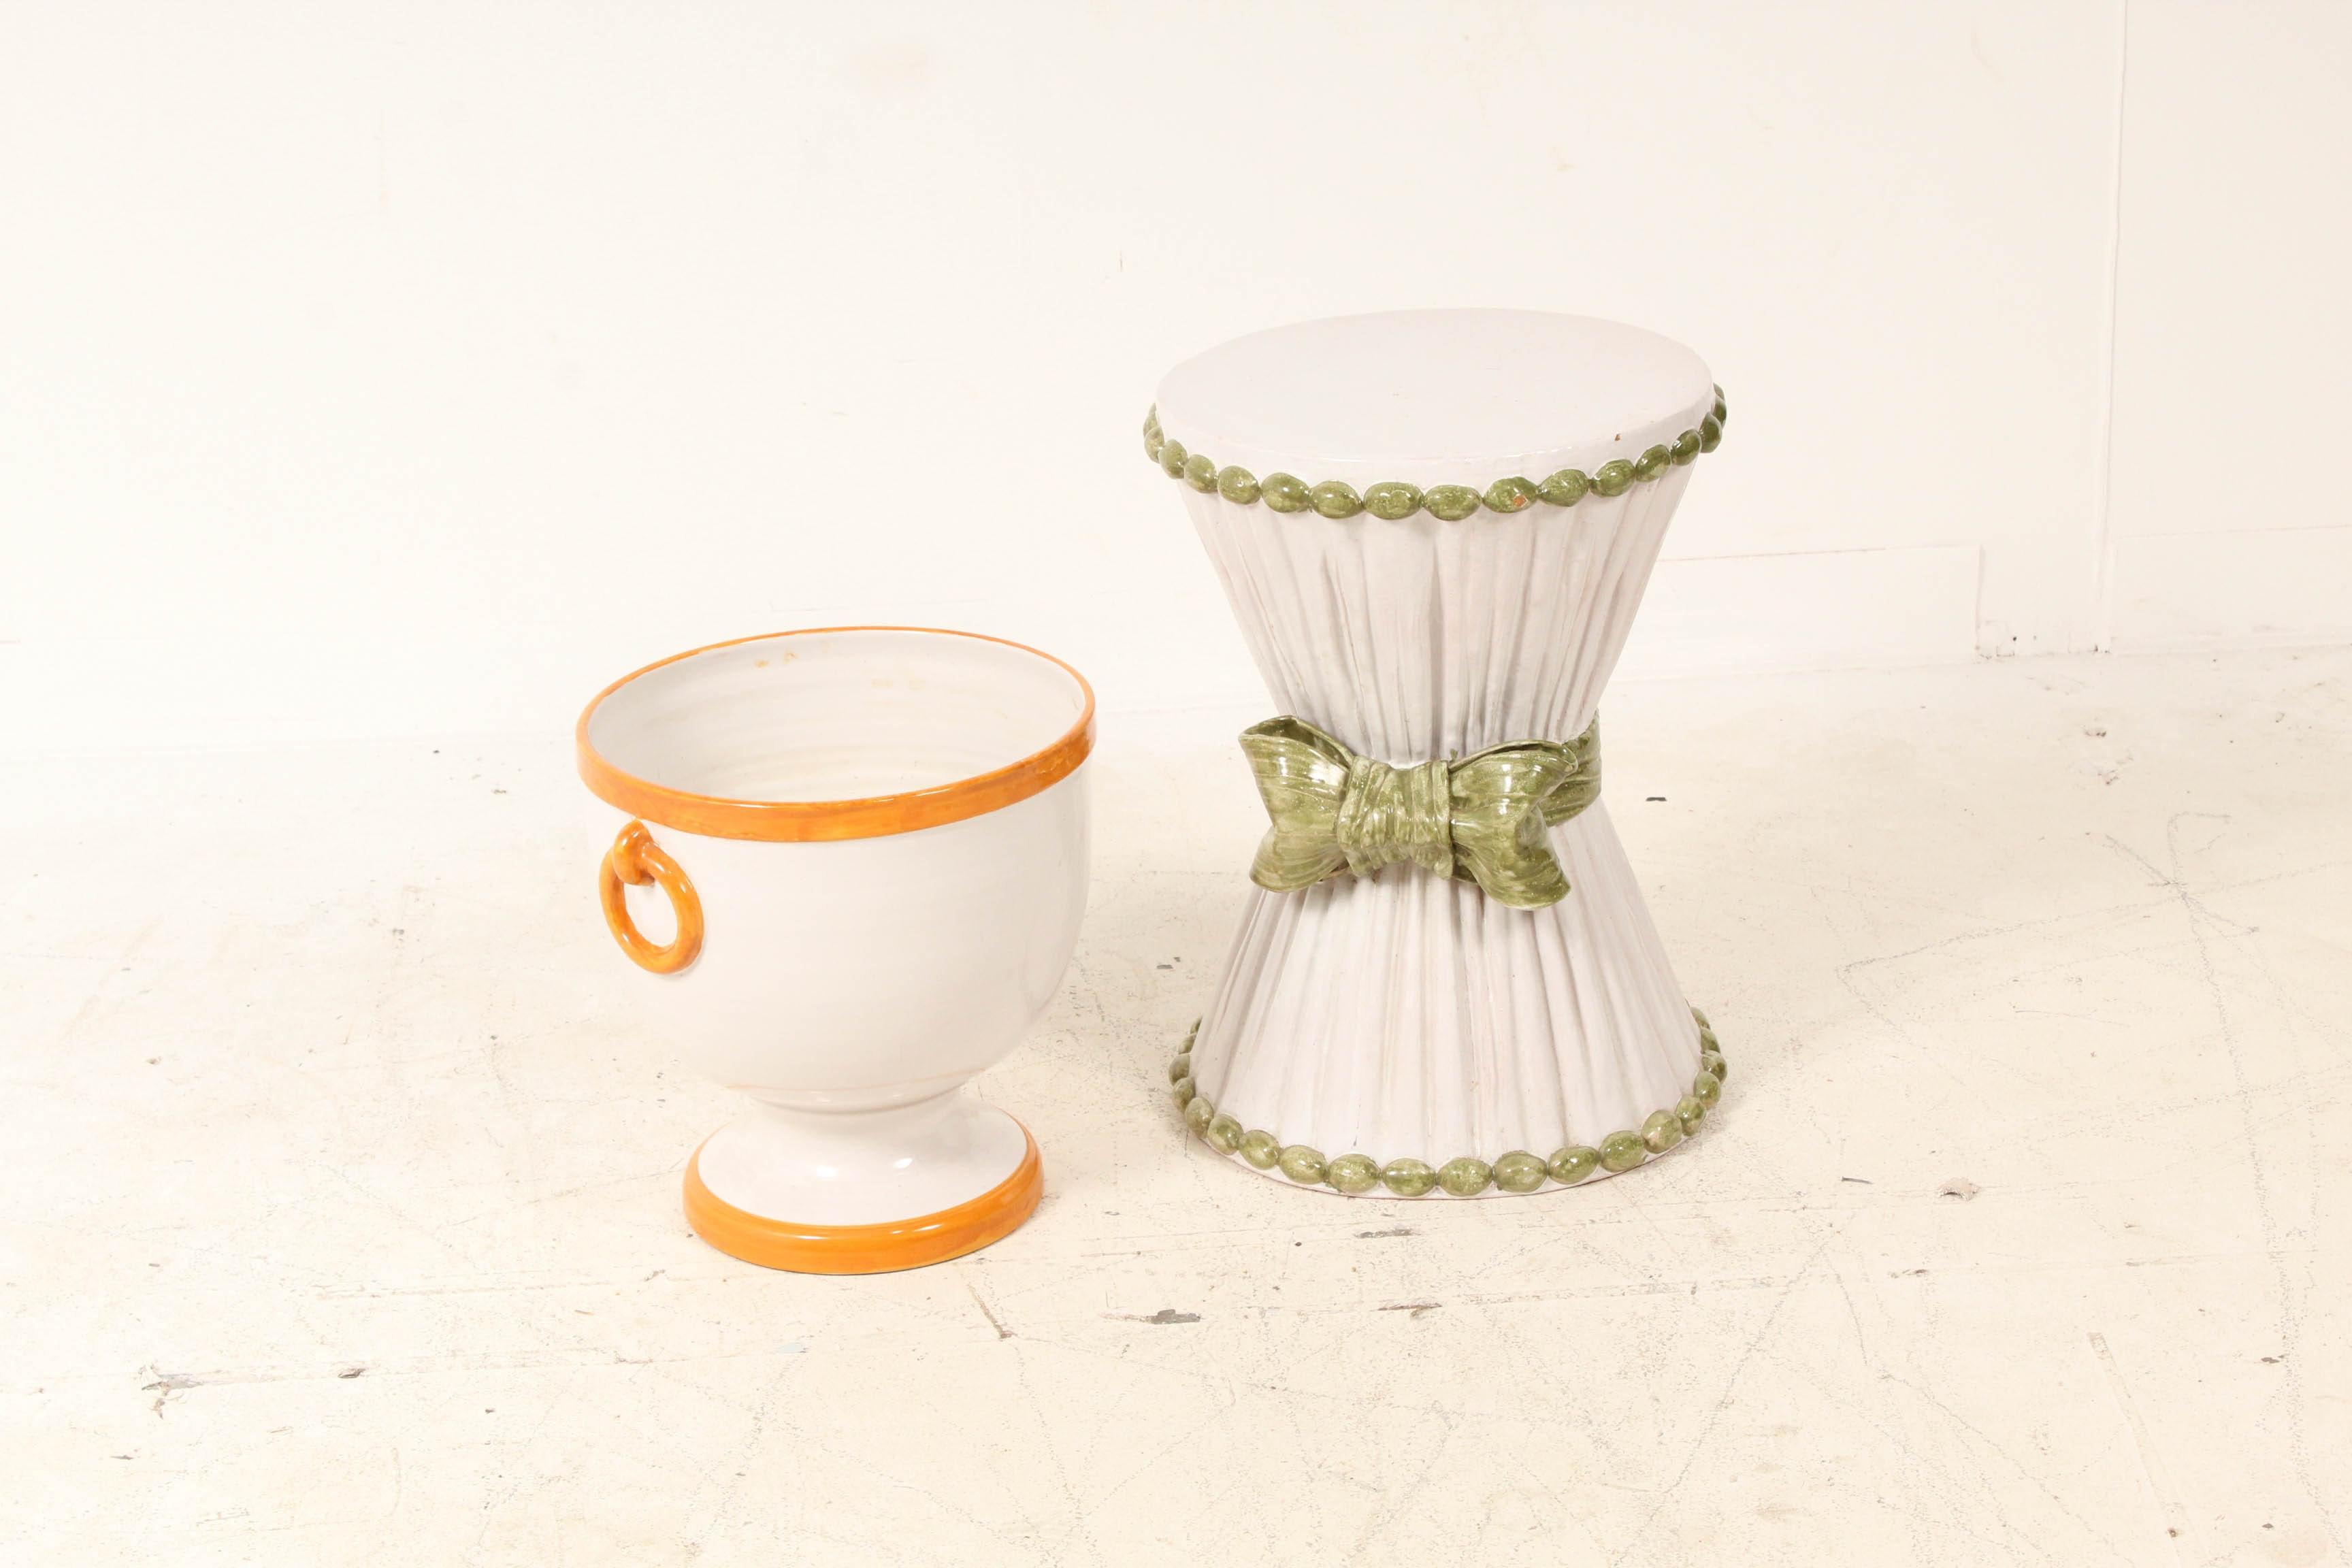 Ceramic Garden Stool and Planter